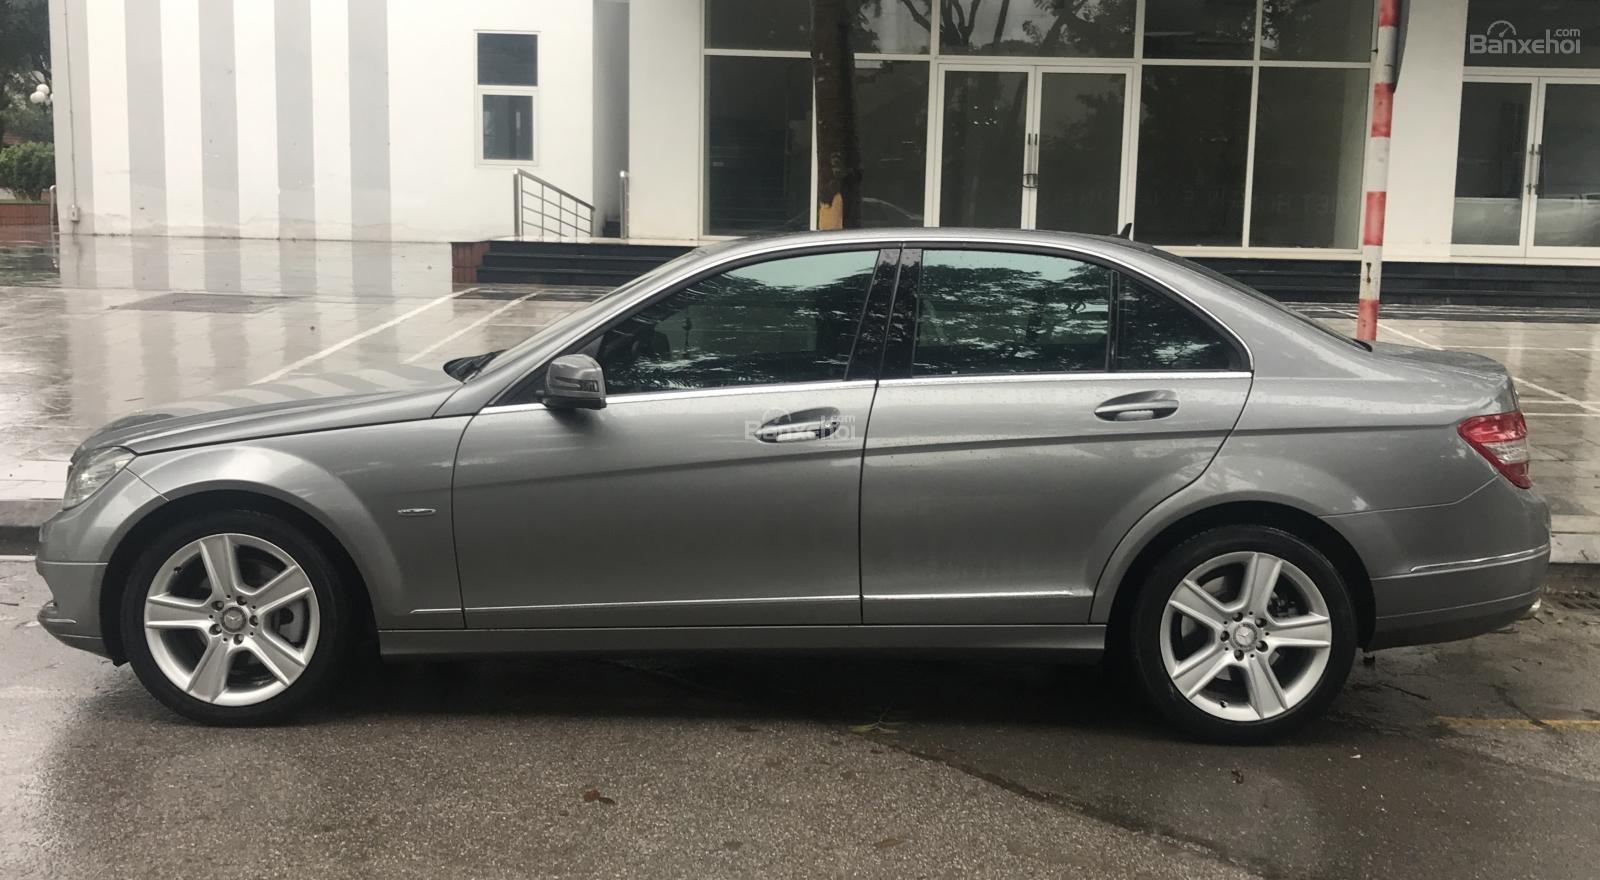 Cần bán xe Mercedes C300 sản xuất 2010, màu xám -4